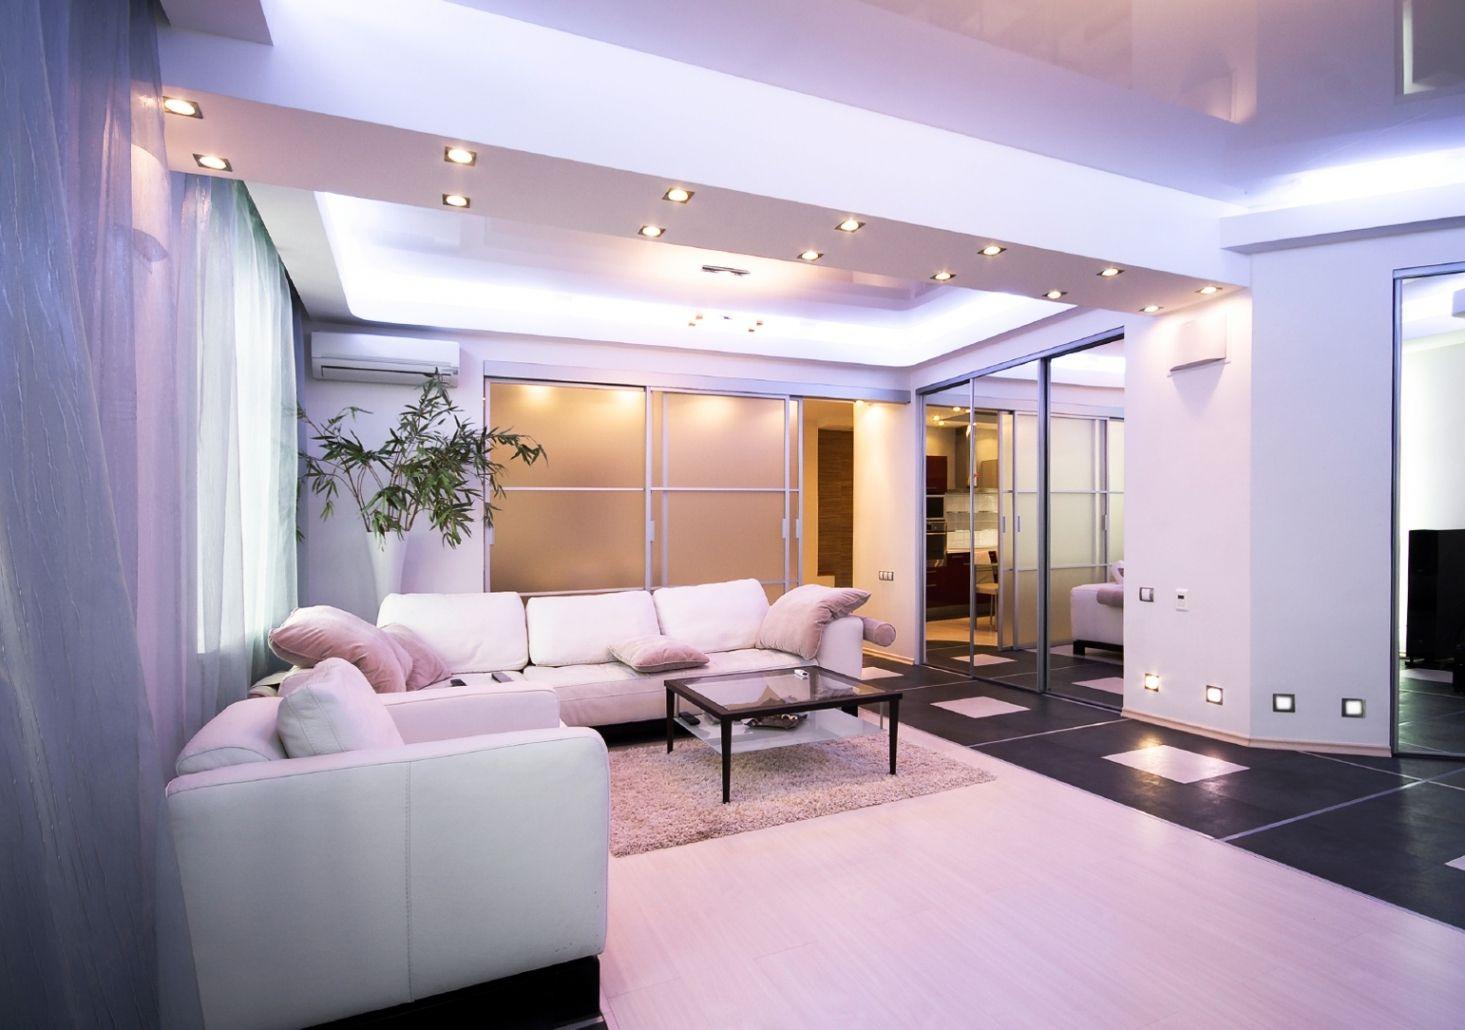 Schön Wohnzimmer Beleuchtung Ideen | Wohnzimmer ideen | Pinterest